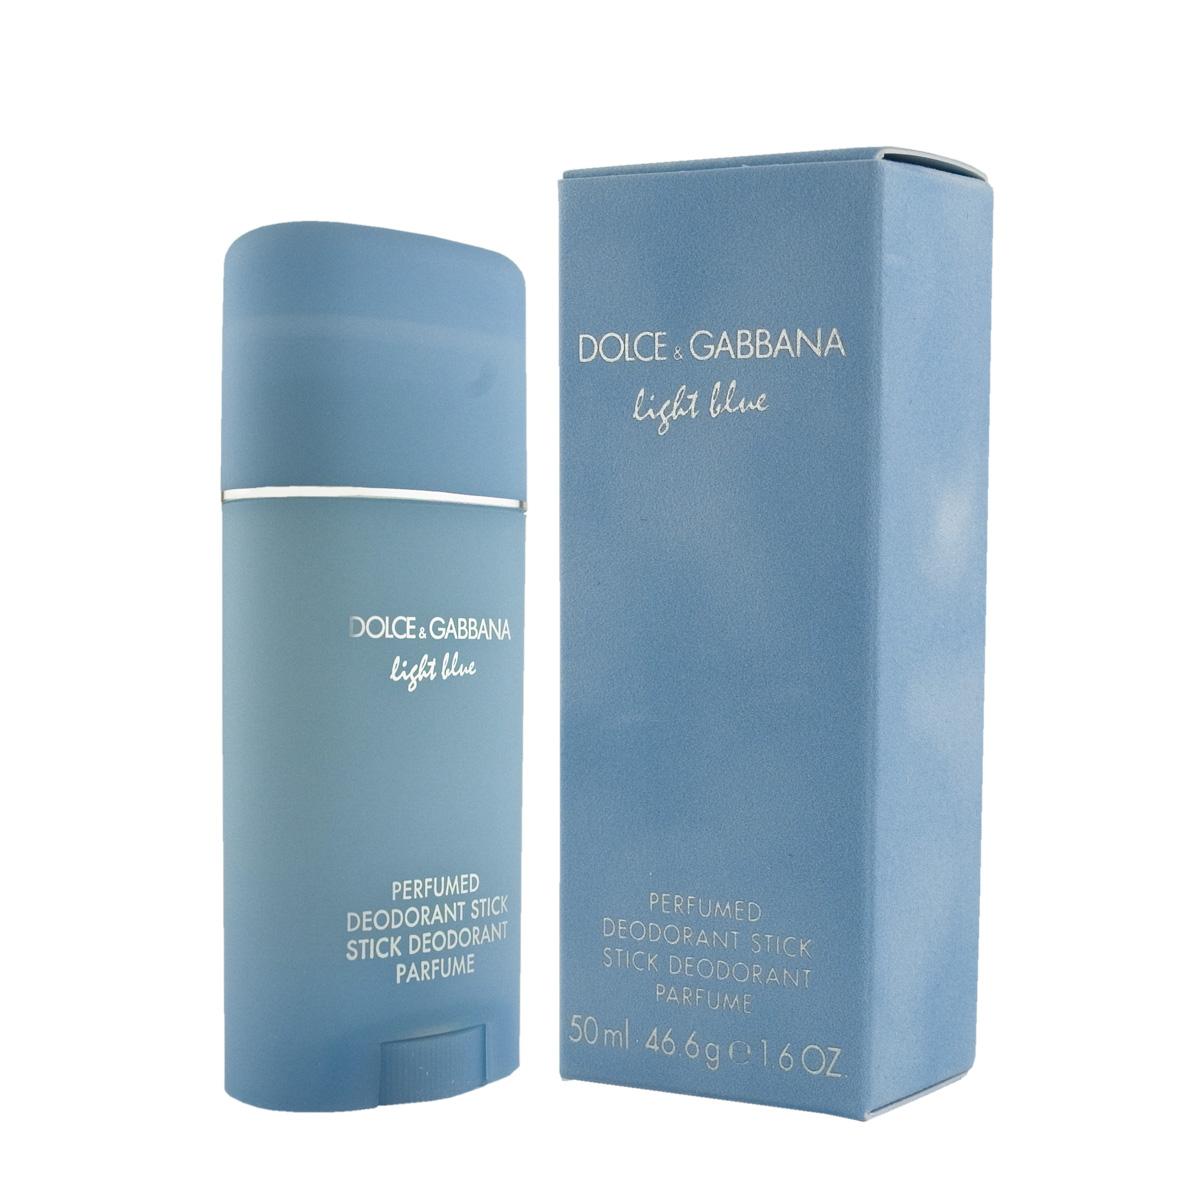 Dolce & Gabbana Light Blue DST 50 ml W